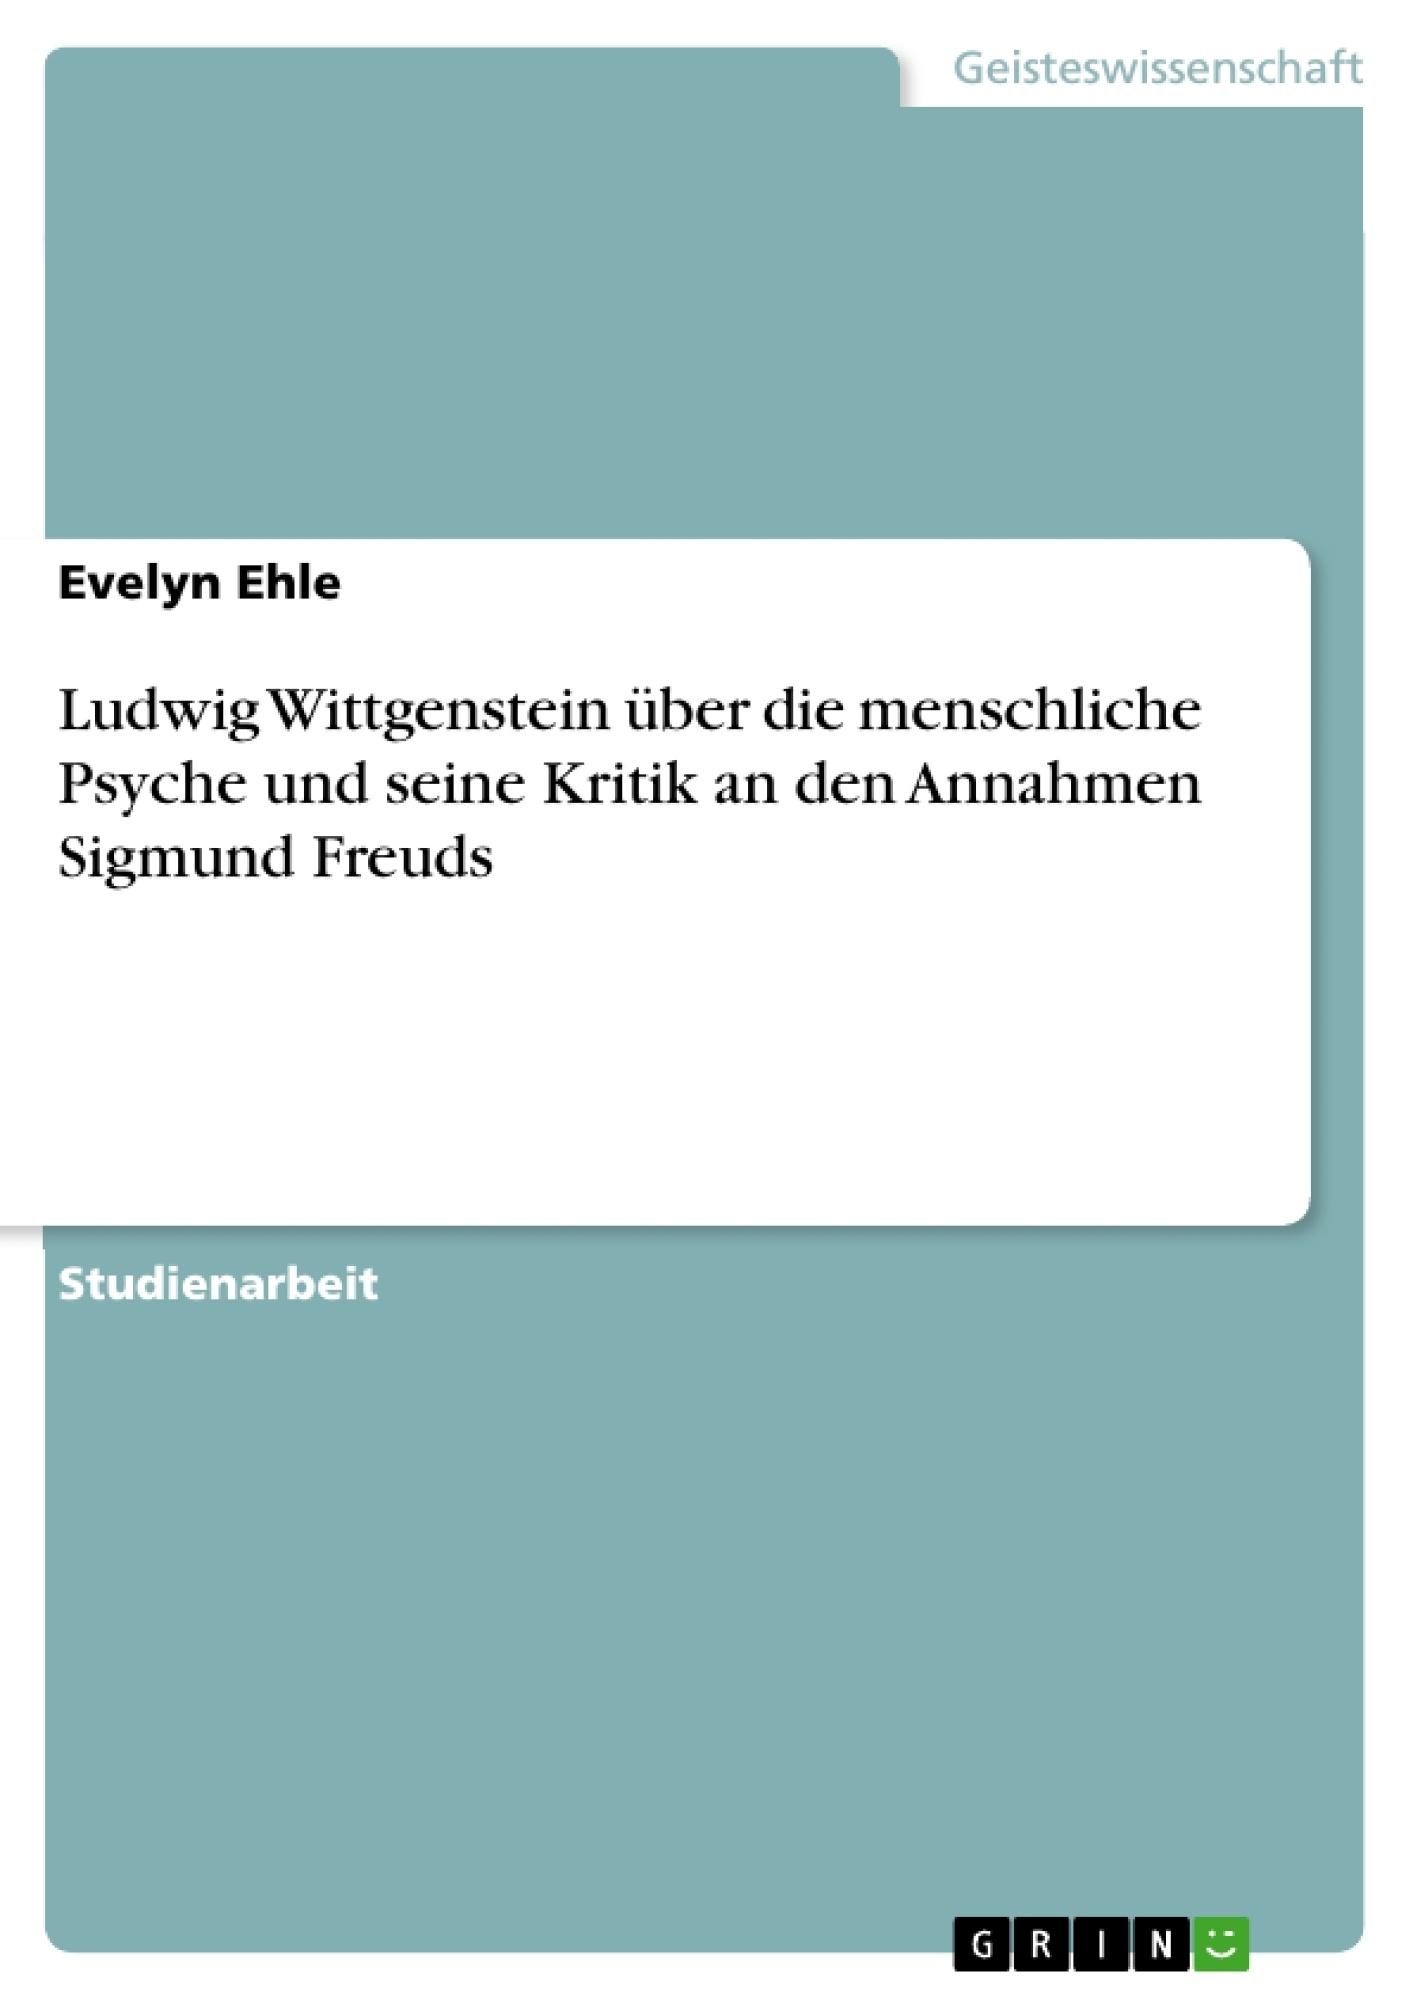 Titel: Ludwig Wittgenstein über die menschliche Psyche und seine Kritik an den Annahmen Sigmund Freuds